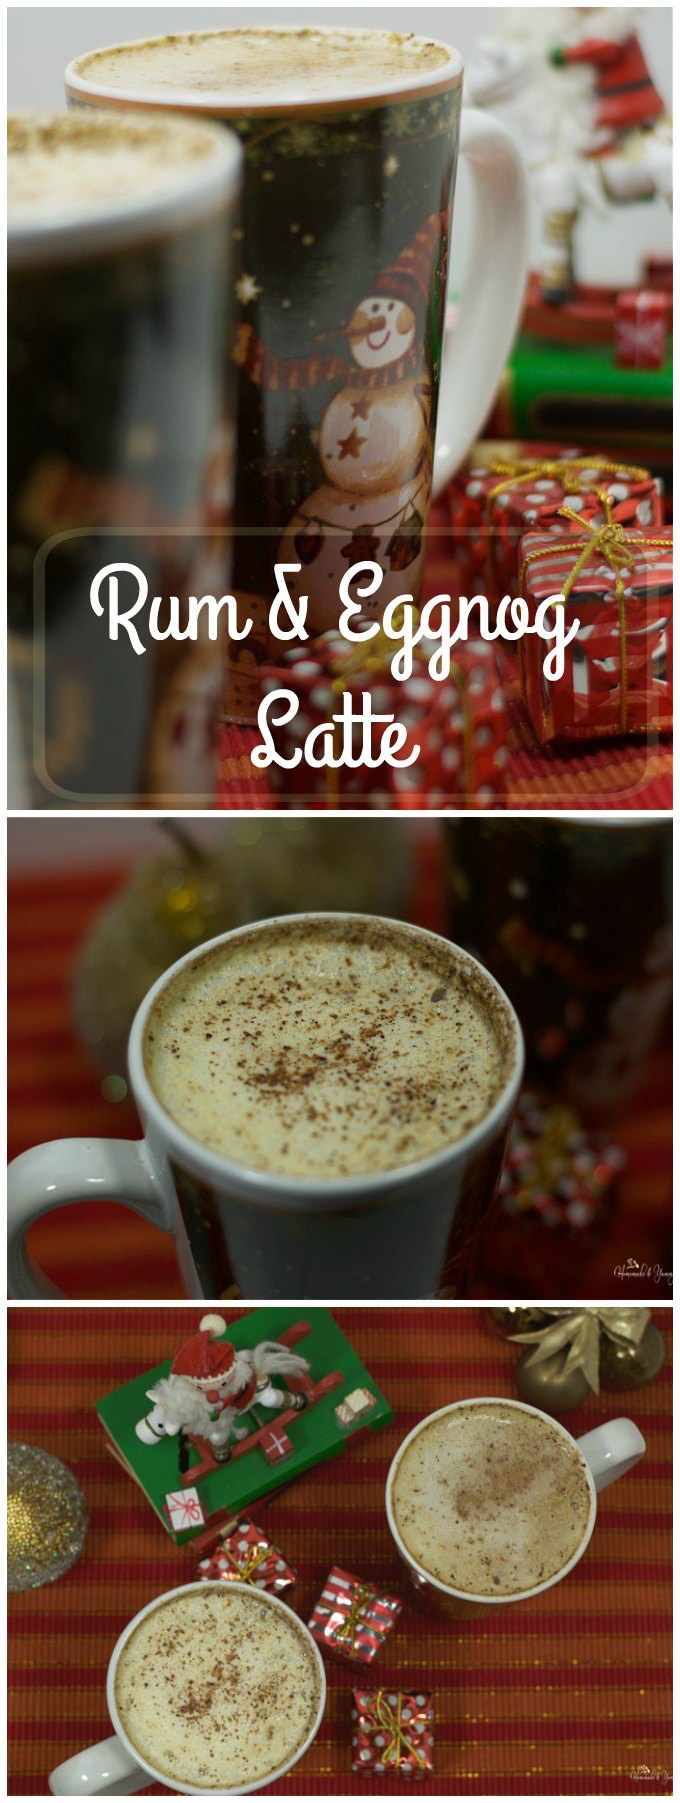 Rum & Eggnog Latte long pin image.